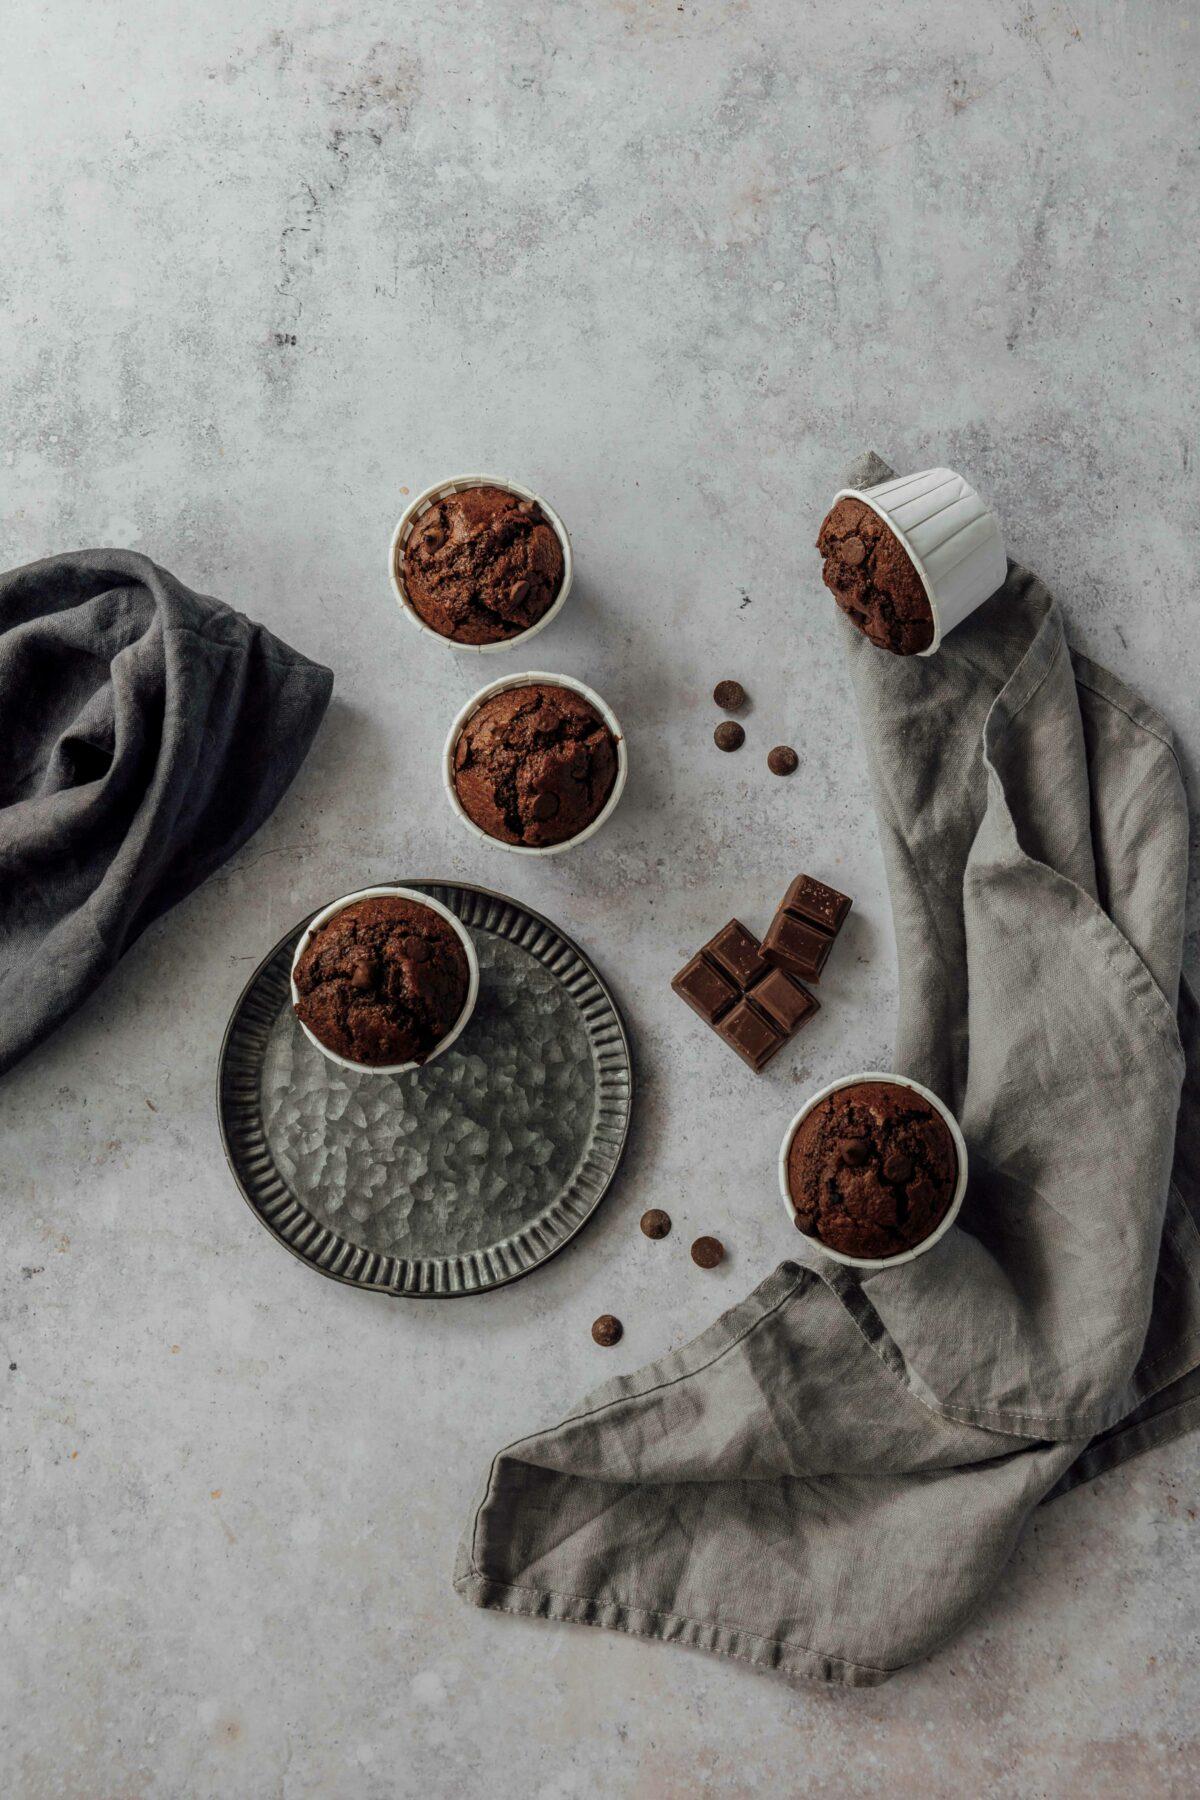 Saftige Schokoladen Muffins // Double Chocolate Muffins by https://babyrockmyday.com/saftige-schokoladen-muffins/